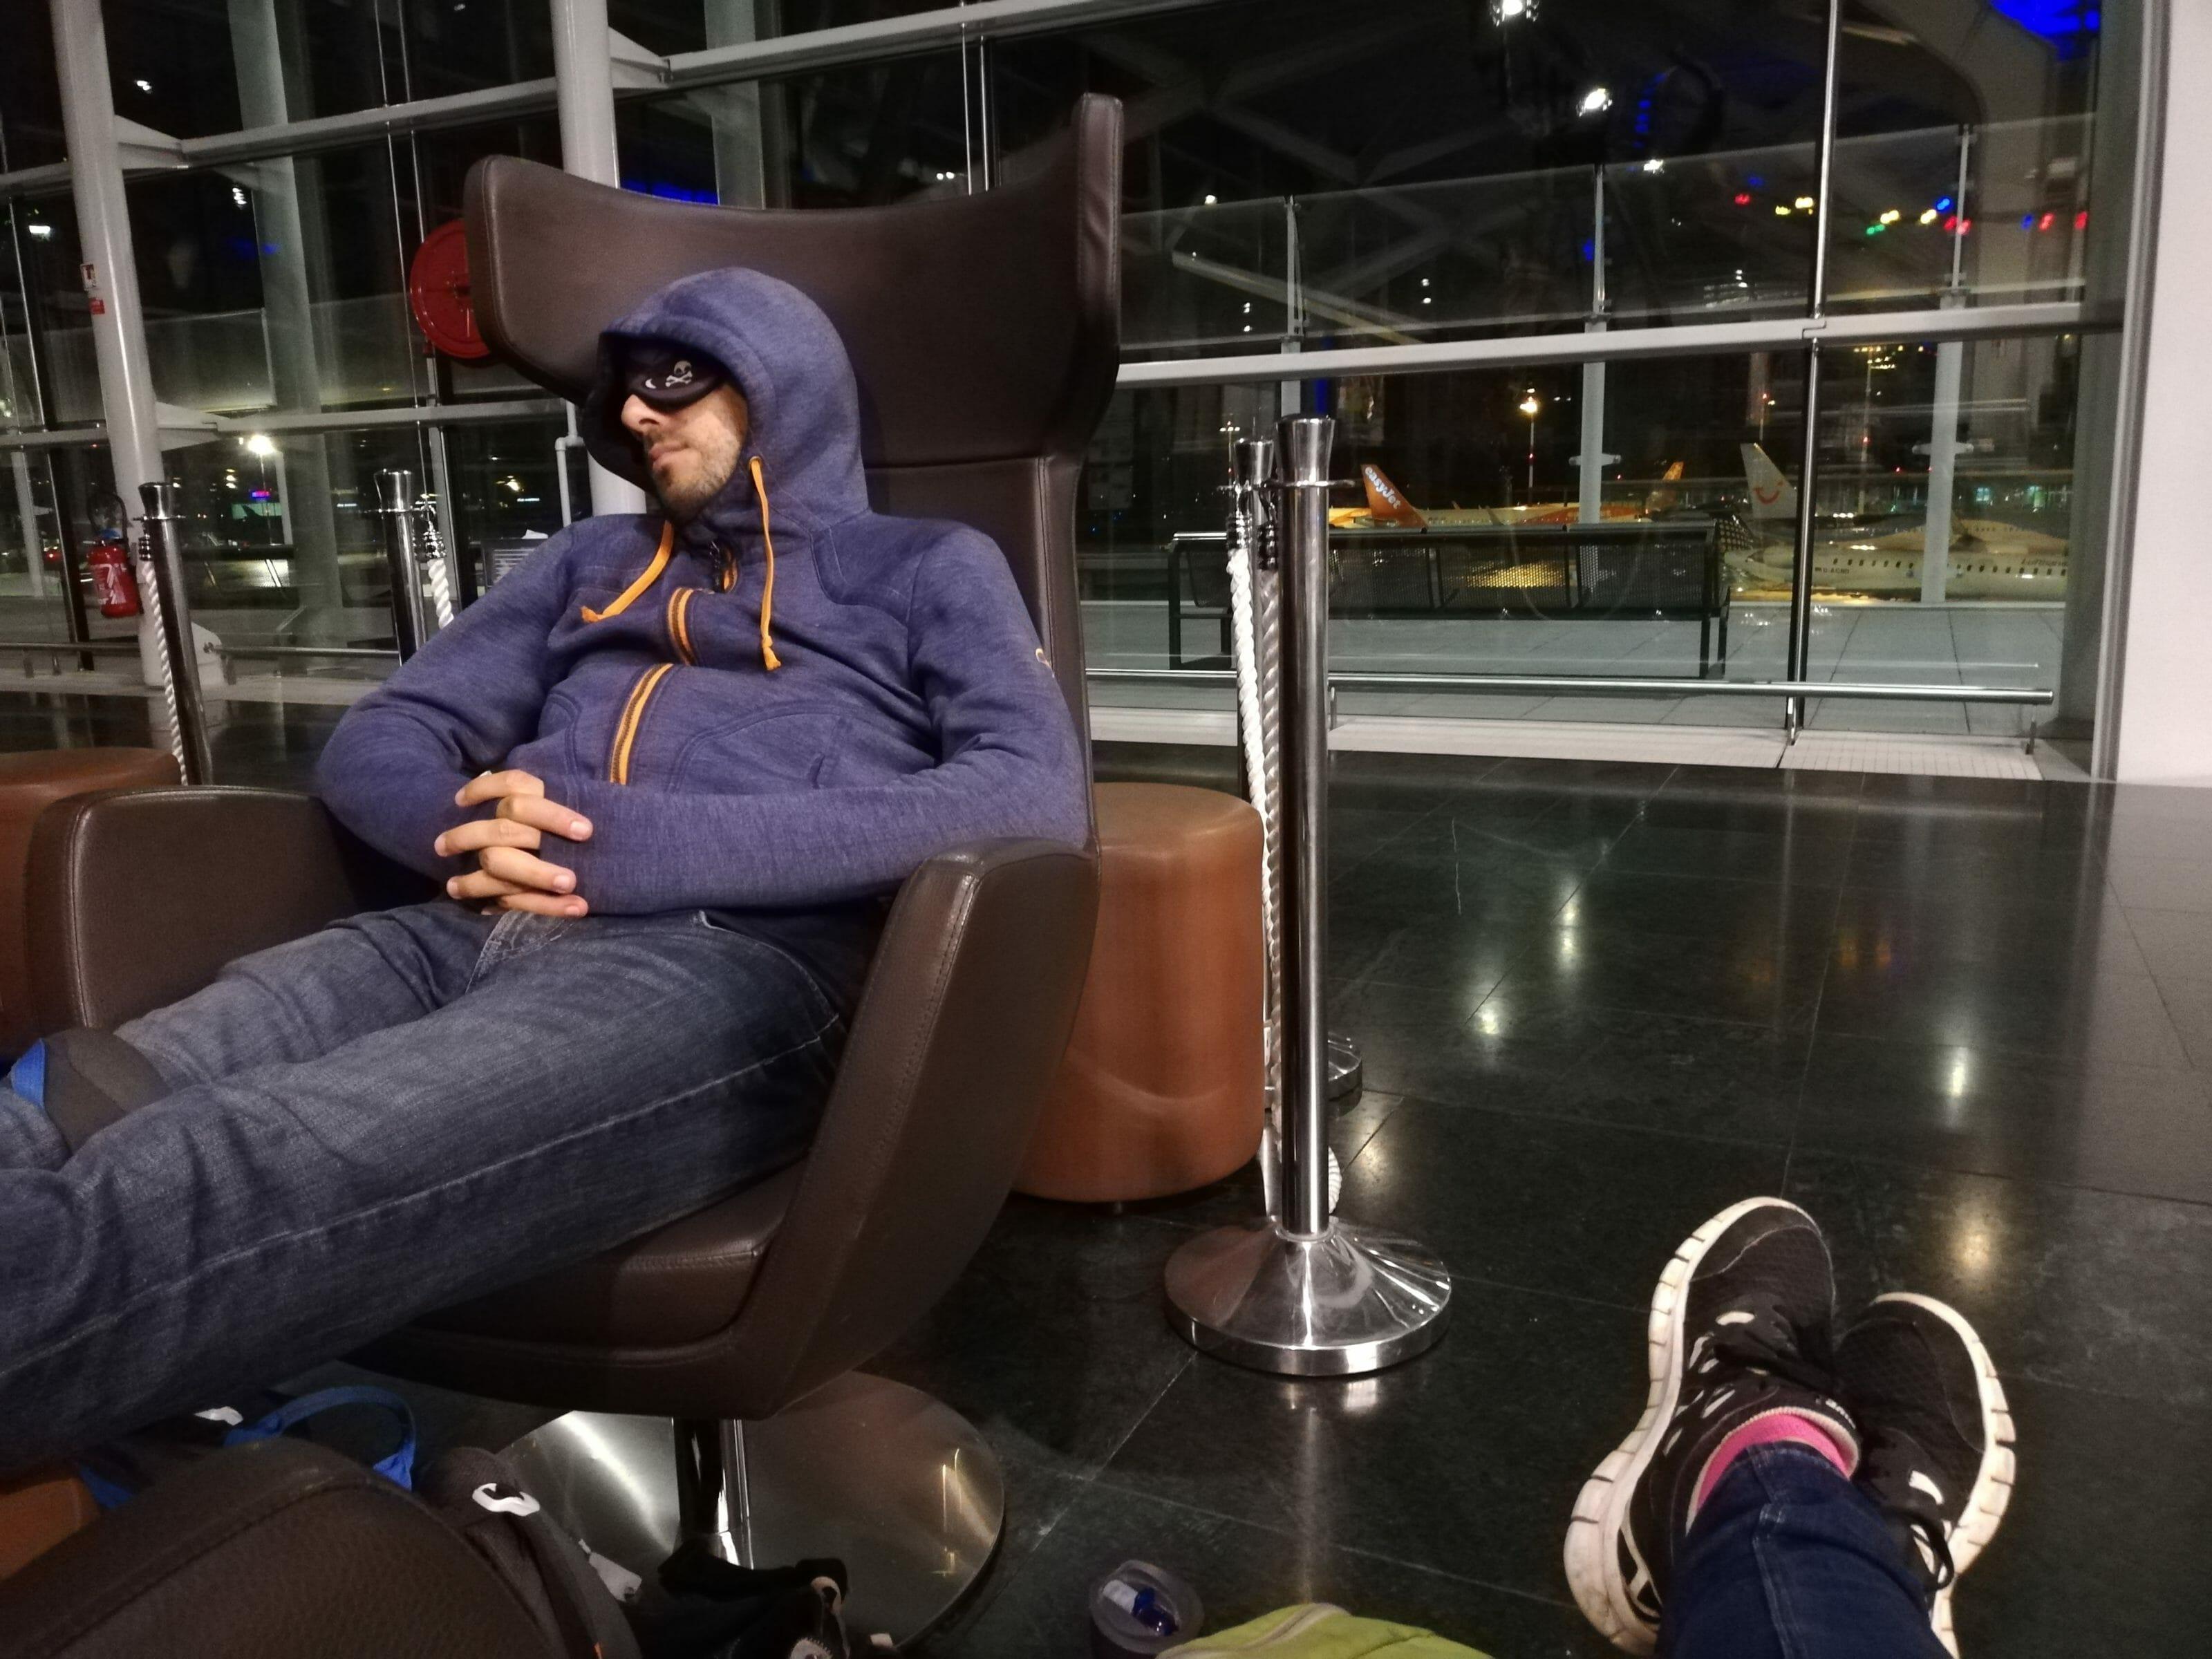 aeroport de bâle